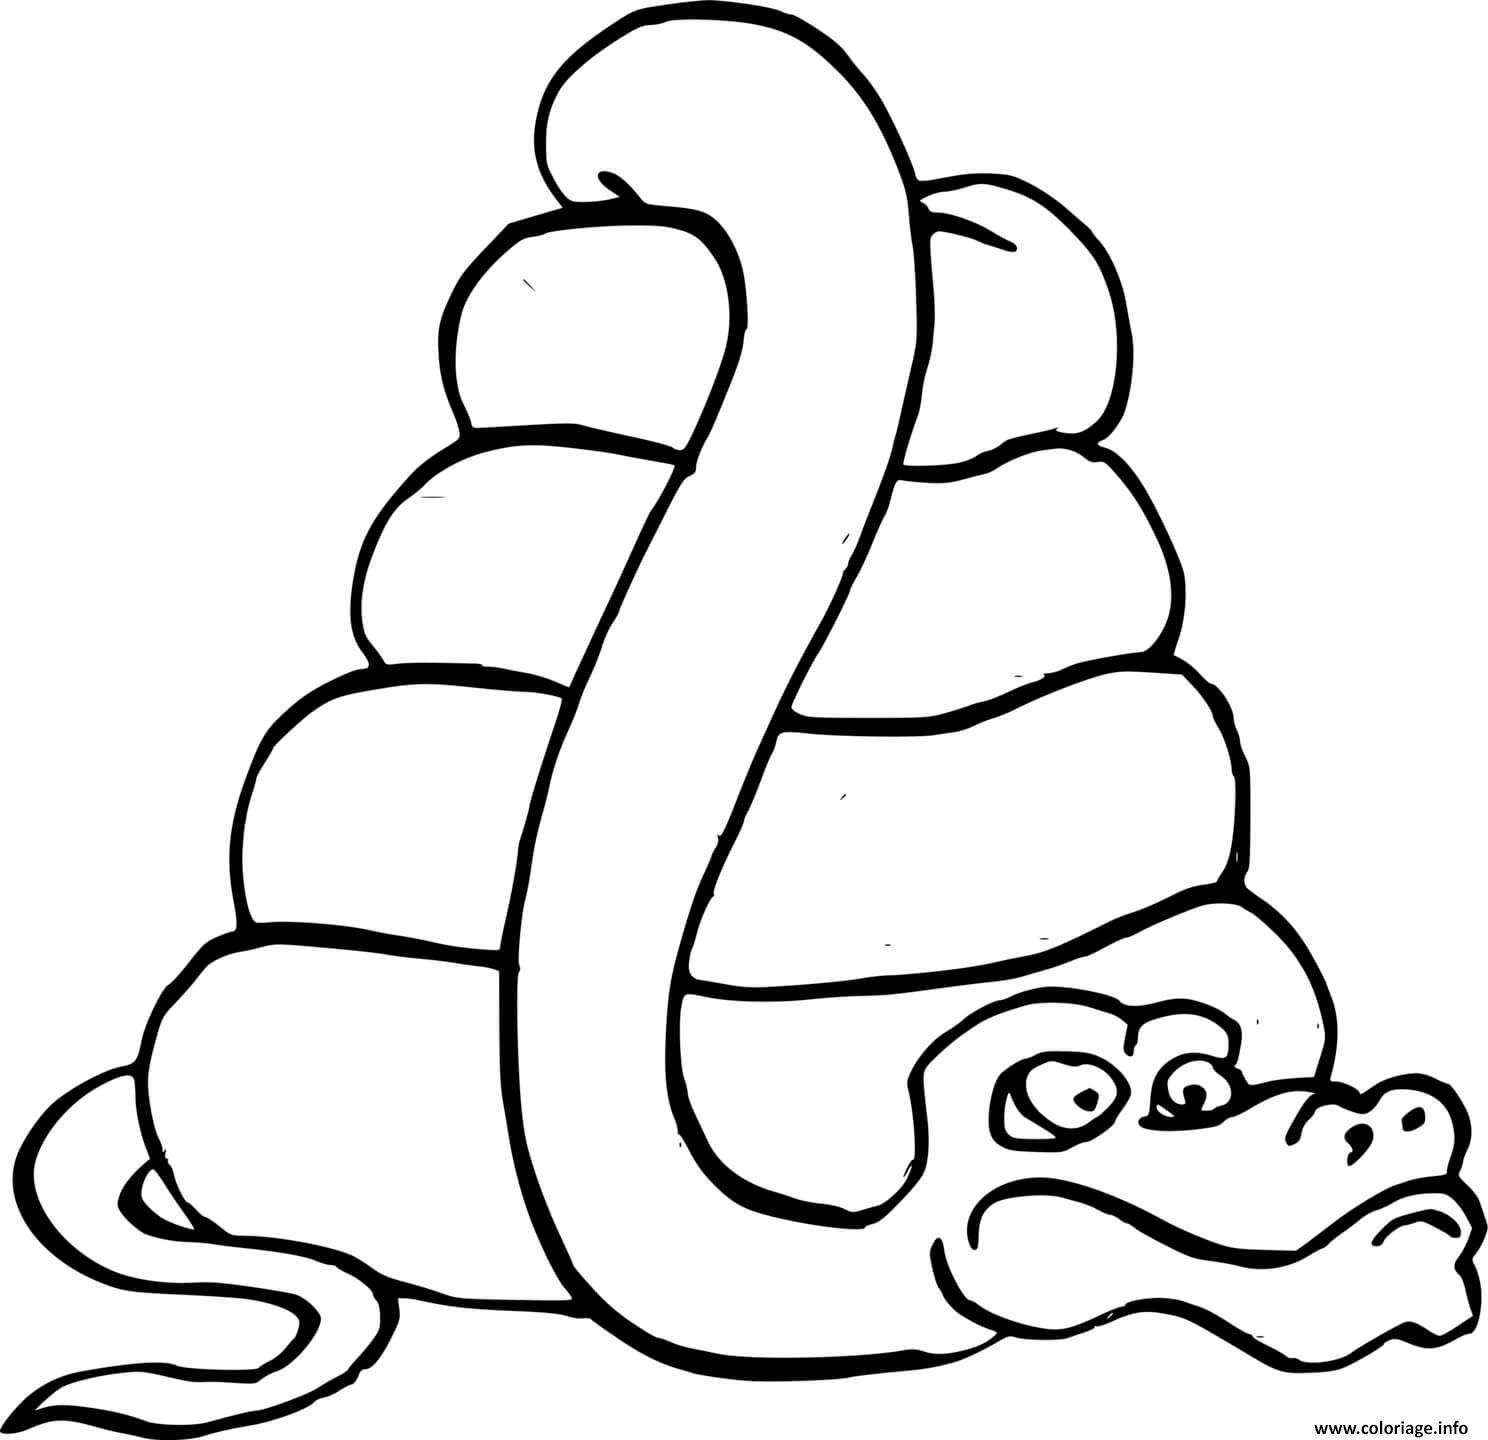 Dessin pyramide serpent Coloriage Gratuit à Imprimer